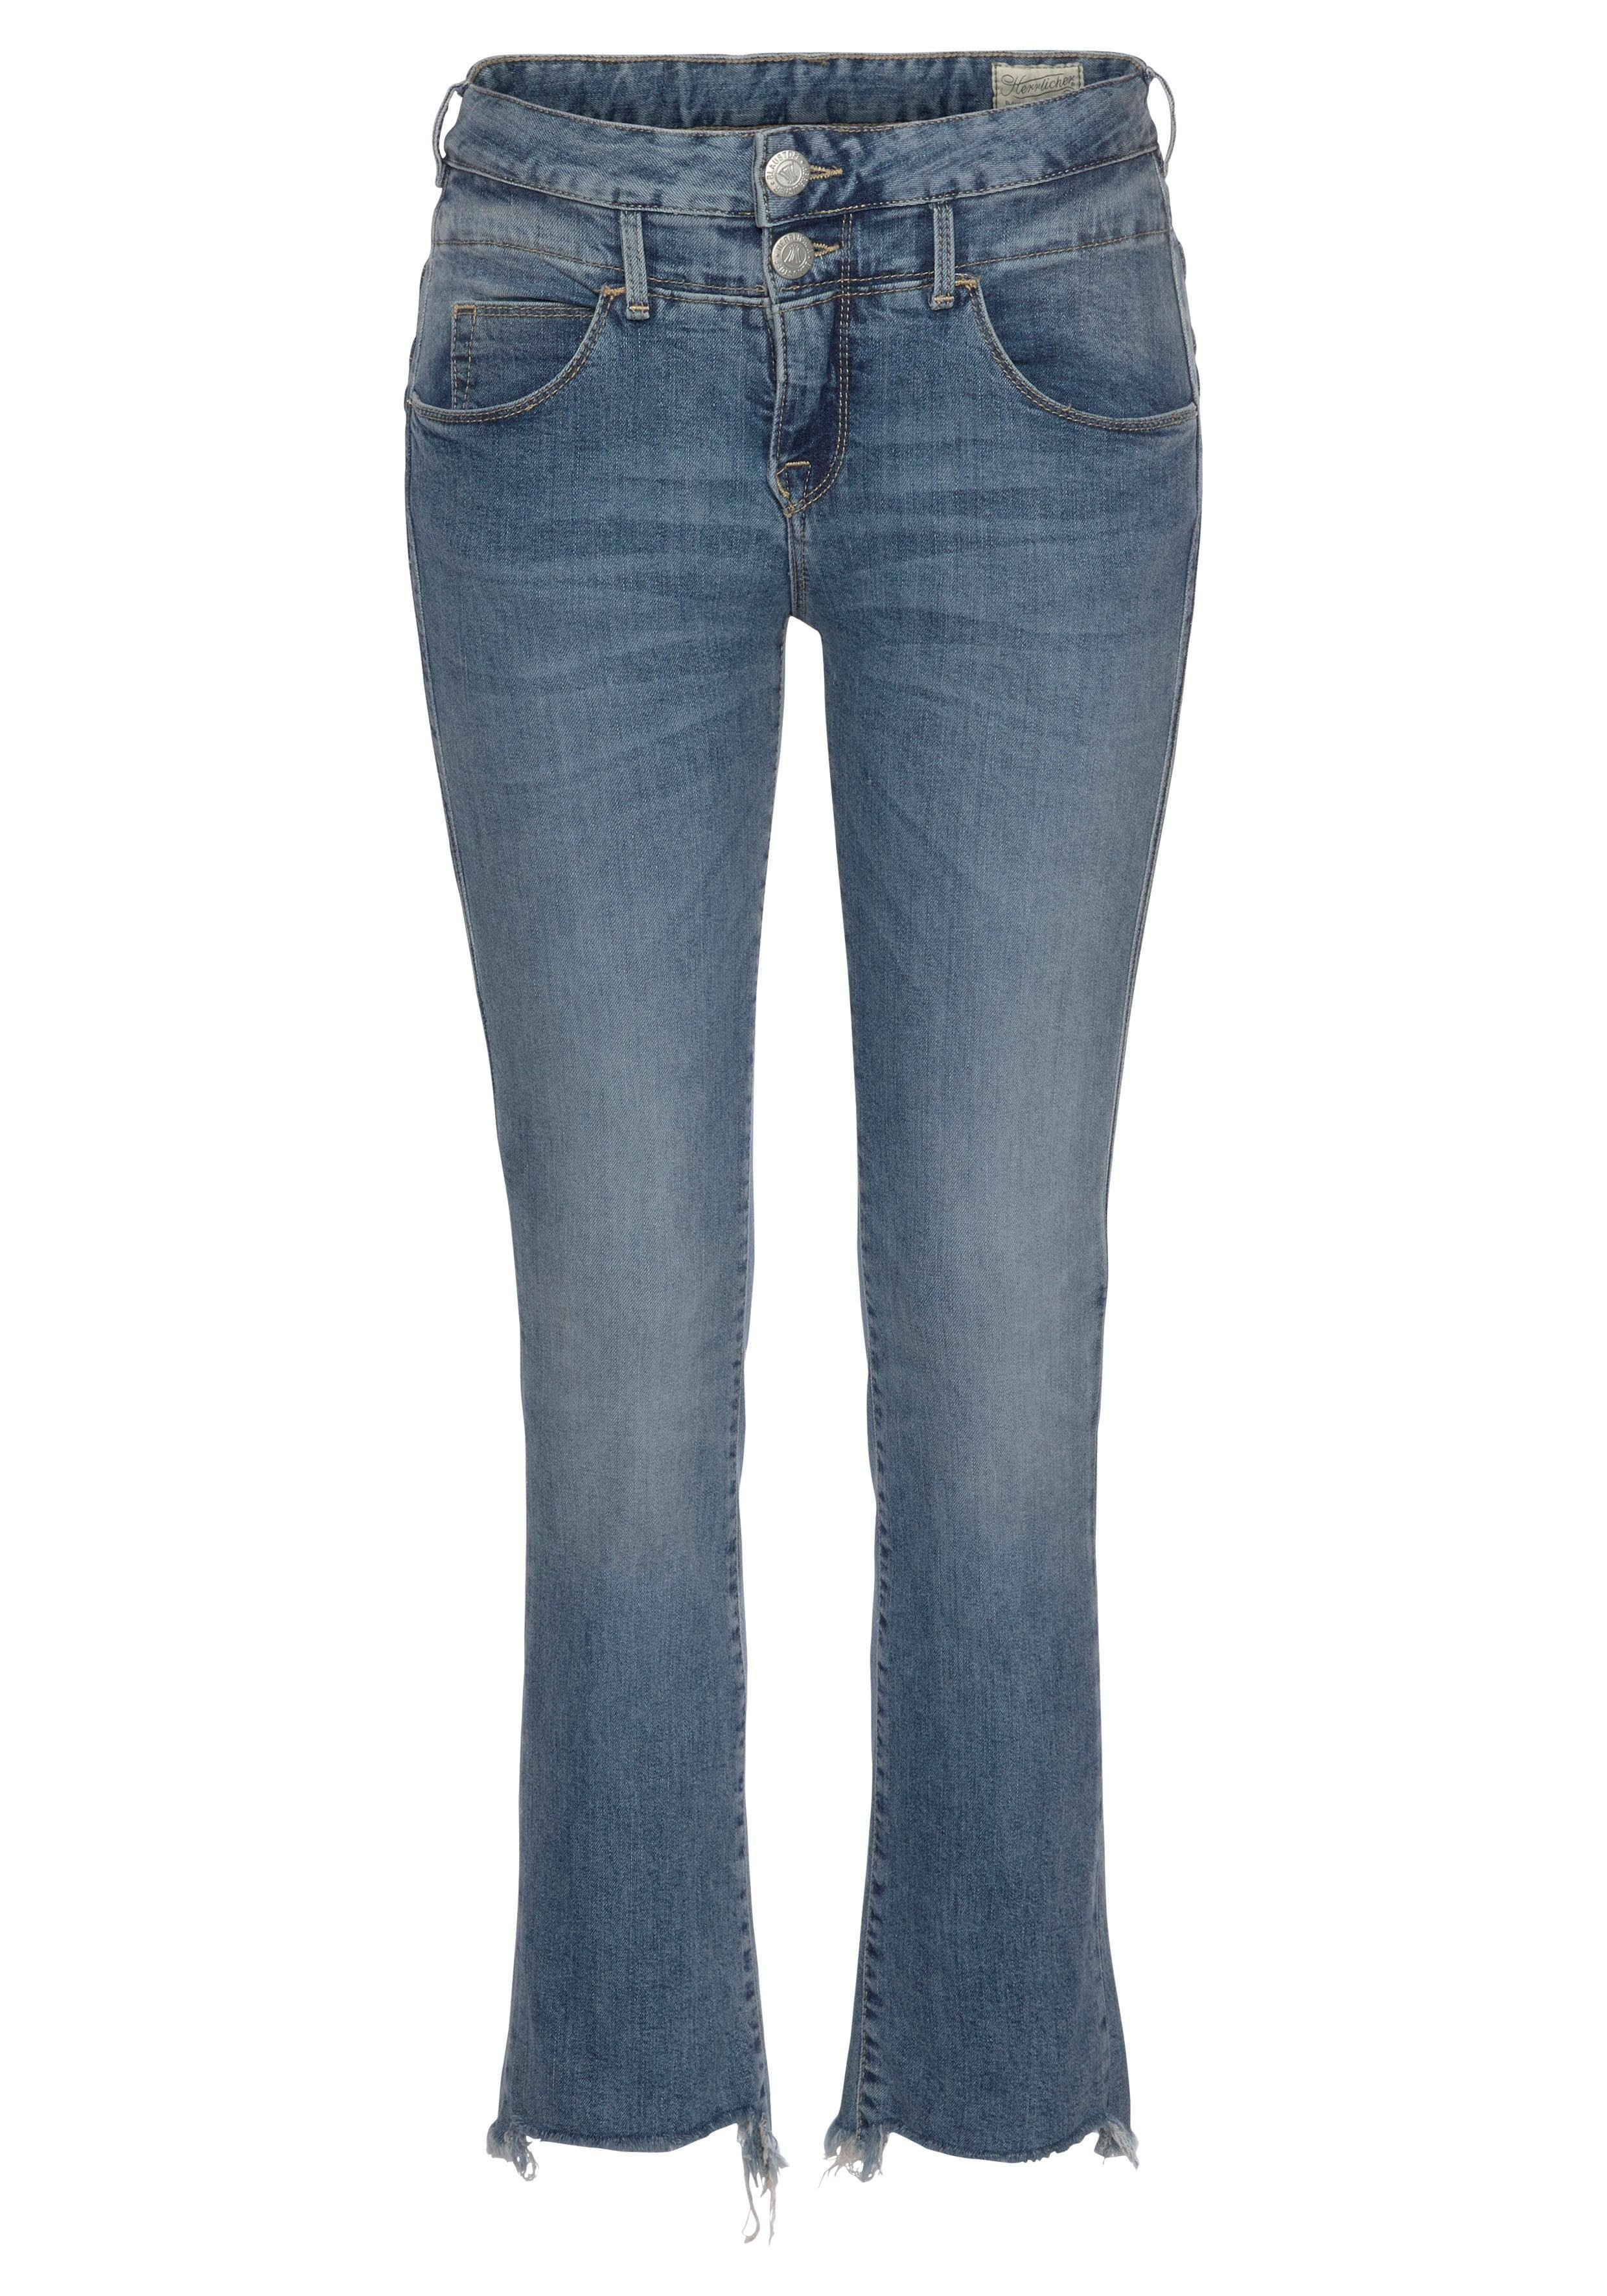 Herrlicher 7/8-Jeans BABY CROPPED mit doppeltem Cut-off Saum ziT308